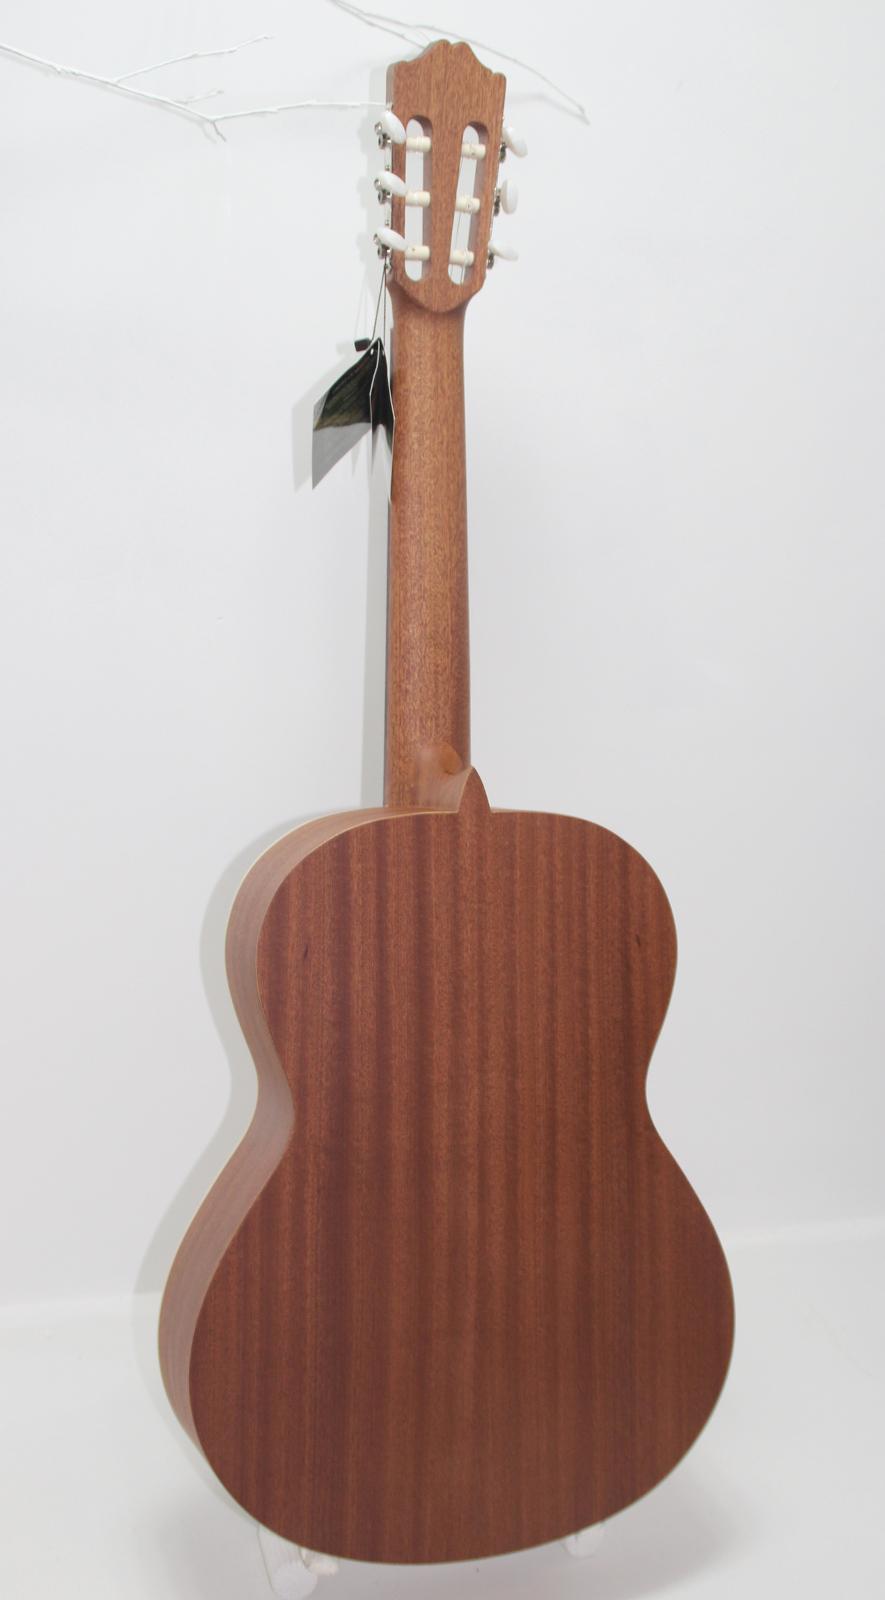 струны для гитары нейлоновые купить во владивостоке этапом